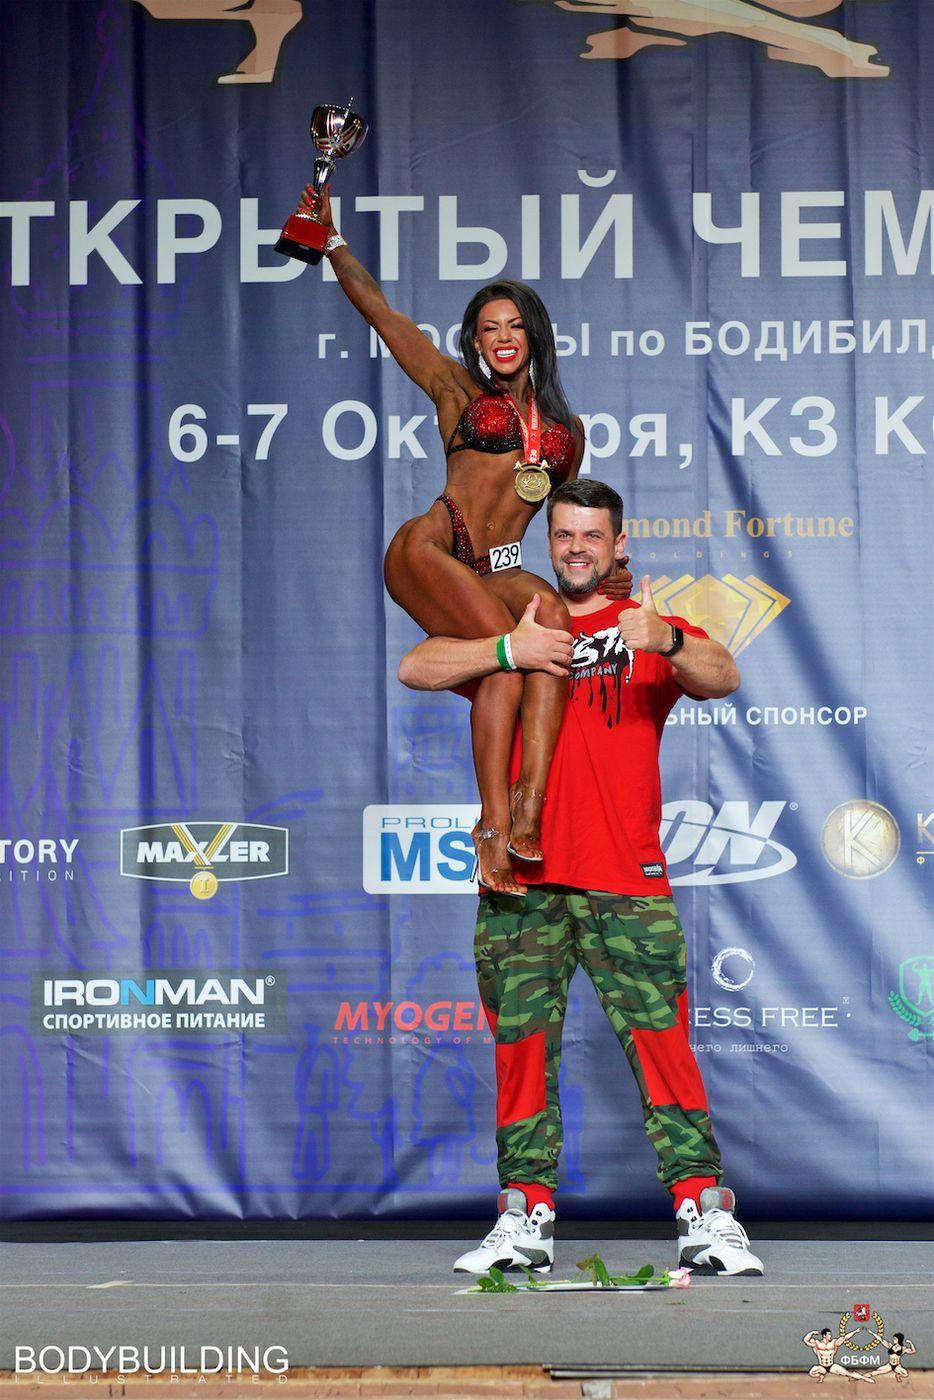 Результаты Чемпионат Москвы по бодибилдингу 2018